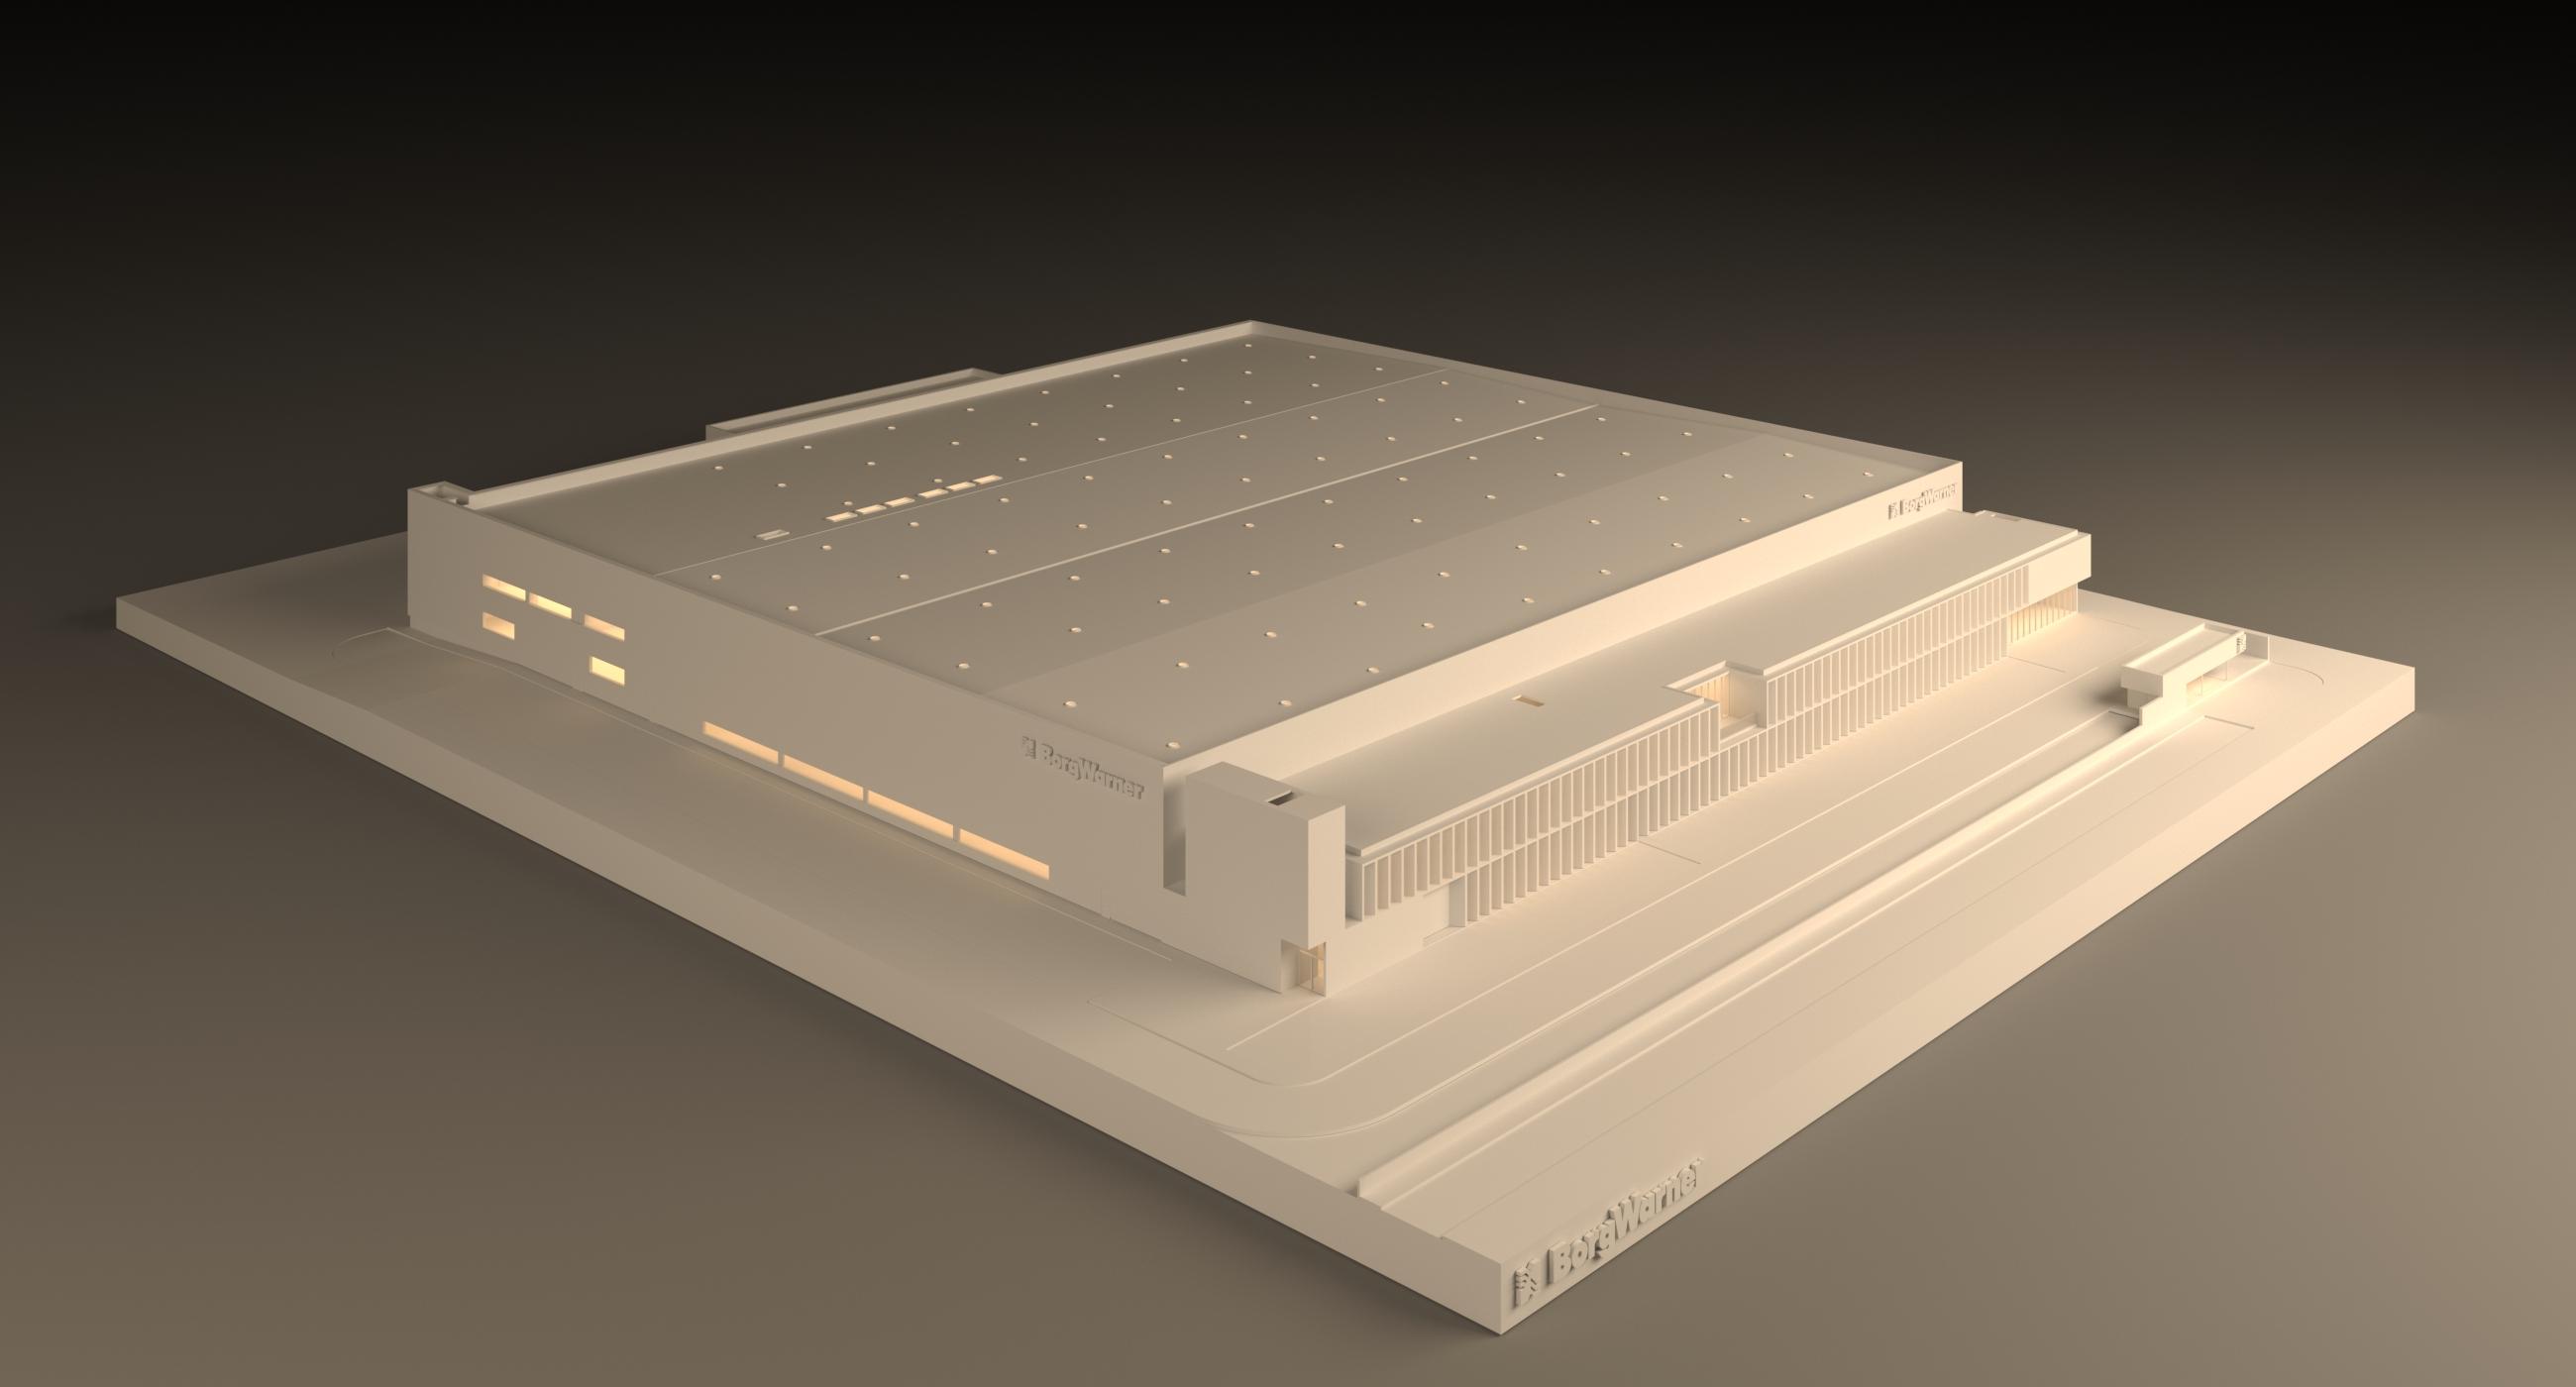 Fábrica da BorgWarner em Viana do Castelo estará concluída em 2023